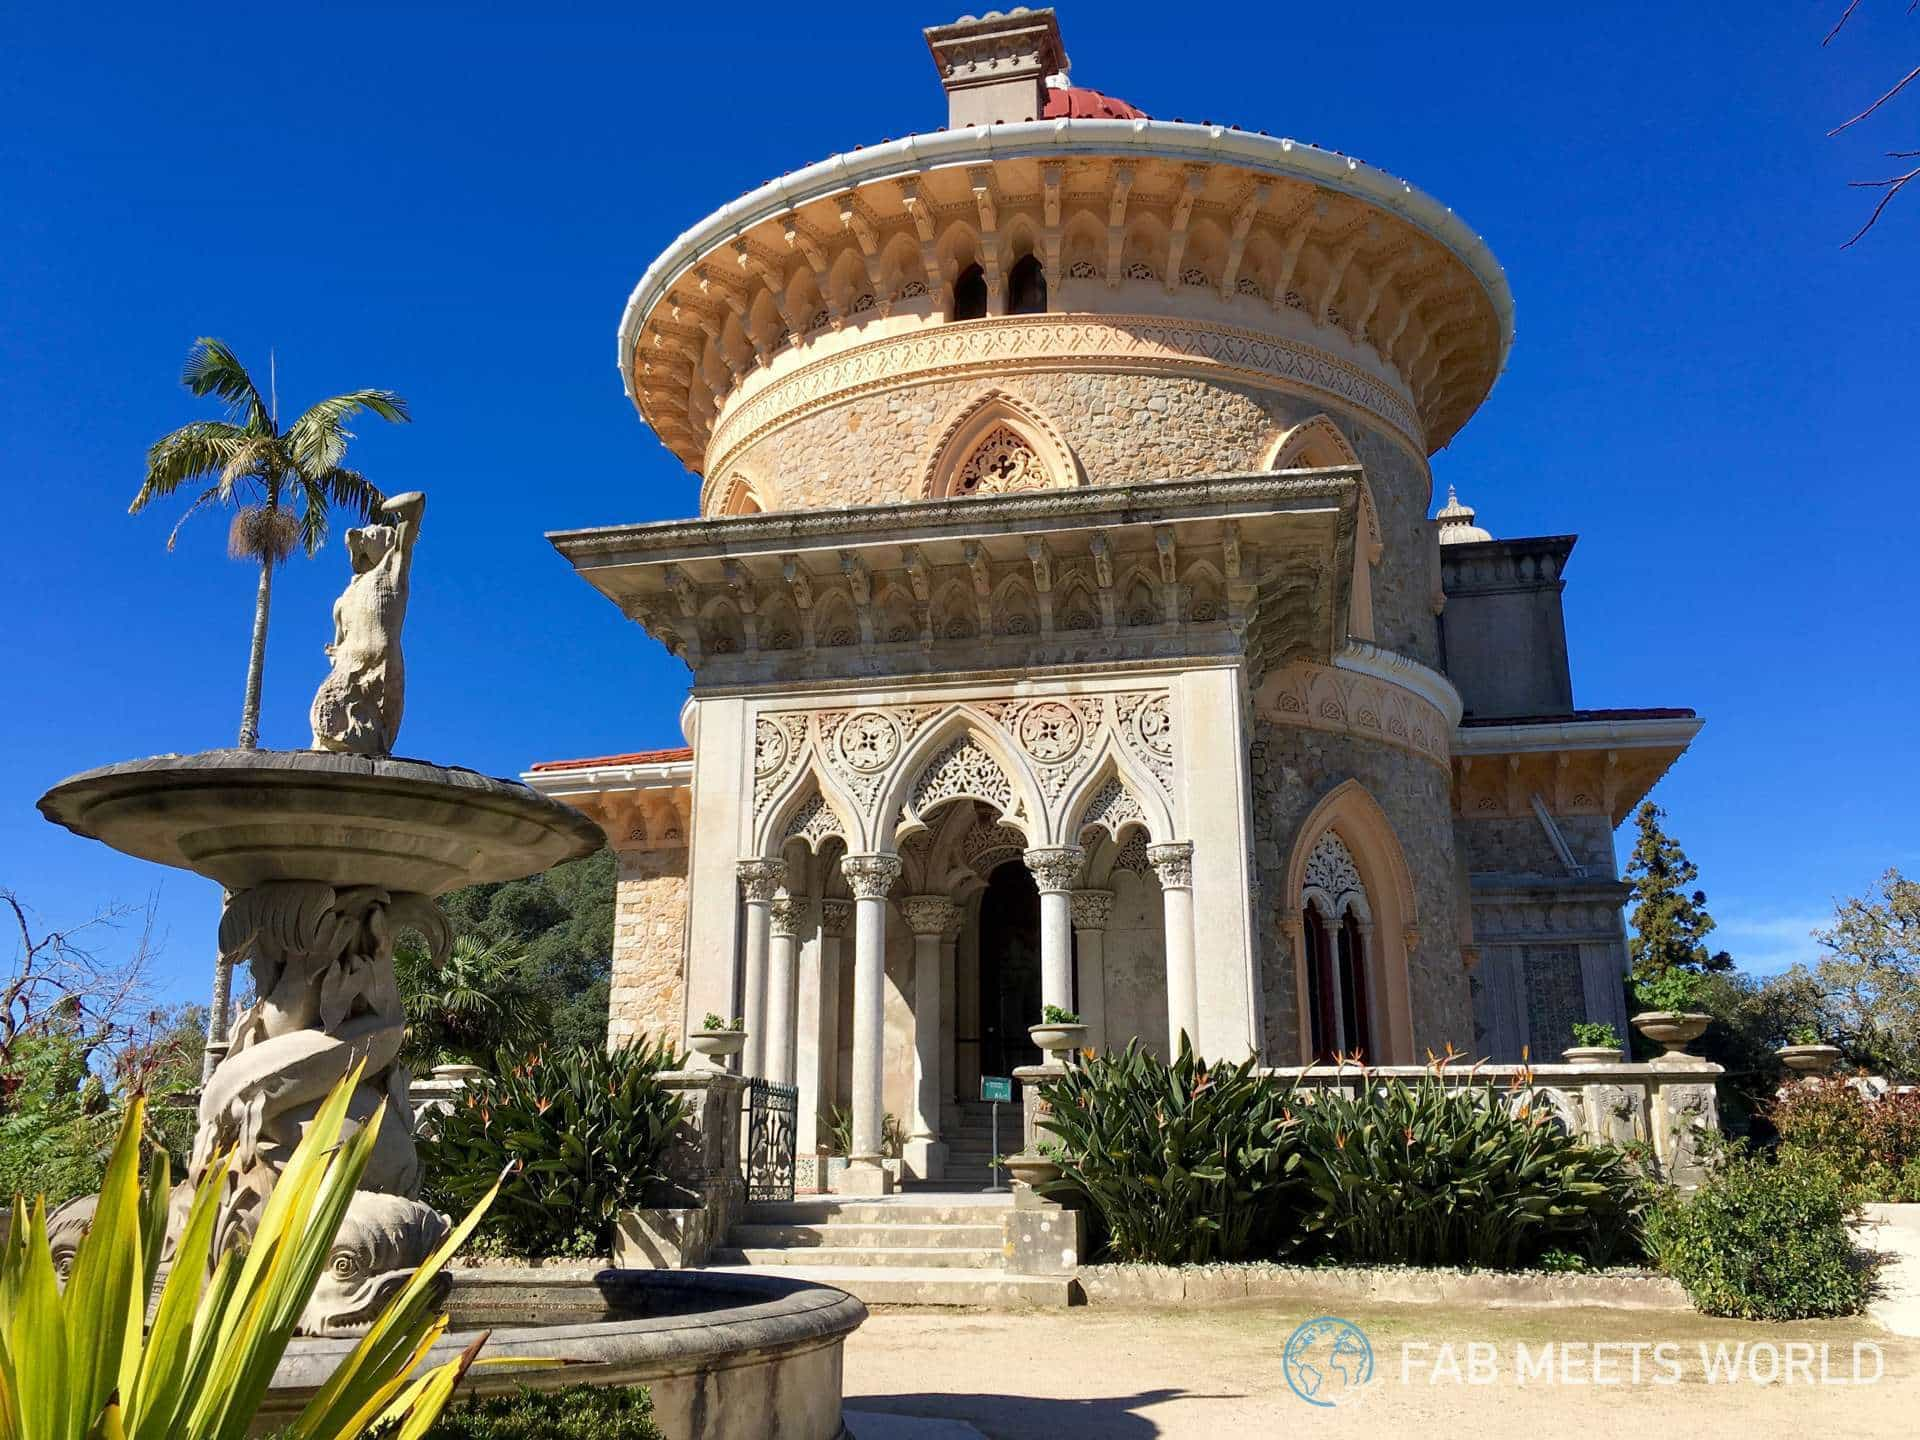 Monserrat palace has design gothic, Moorish and Indian influences